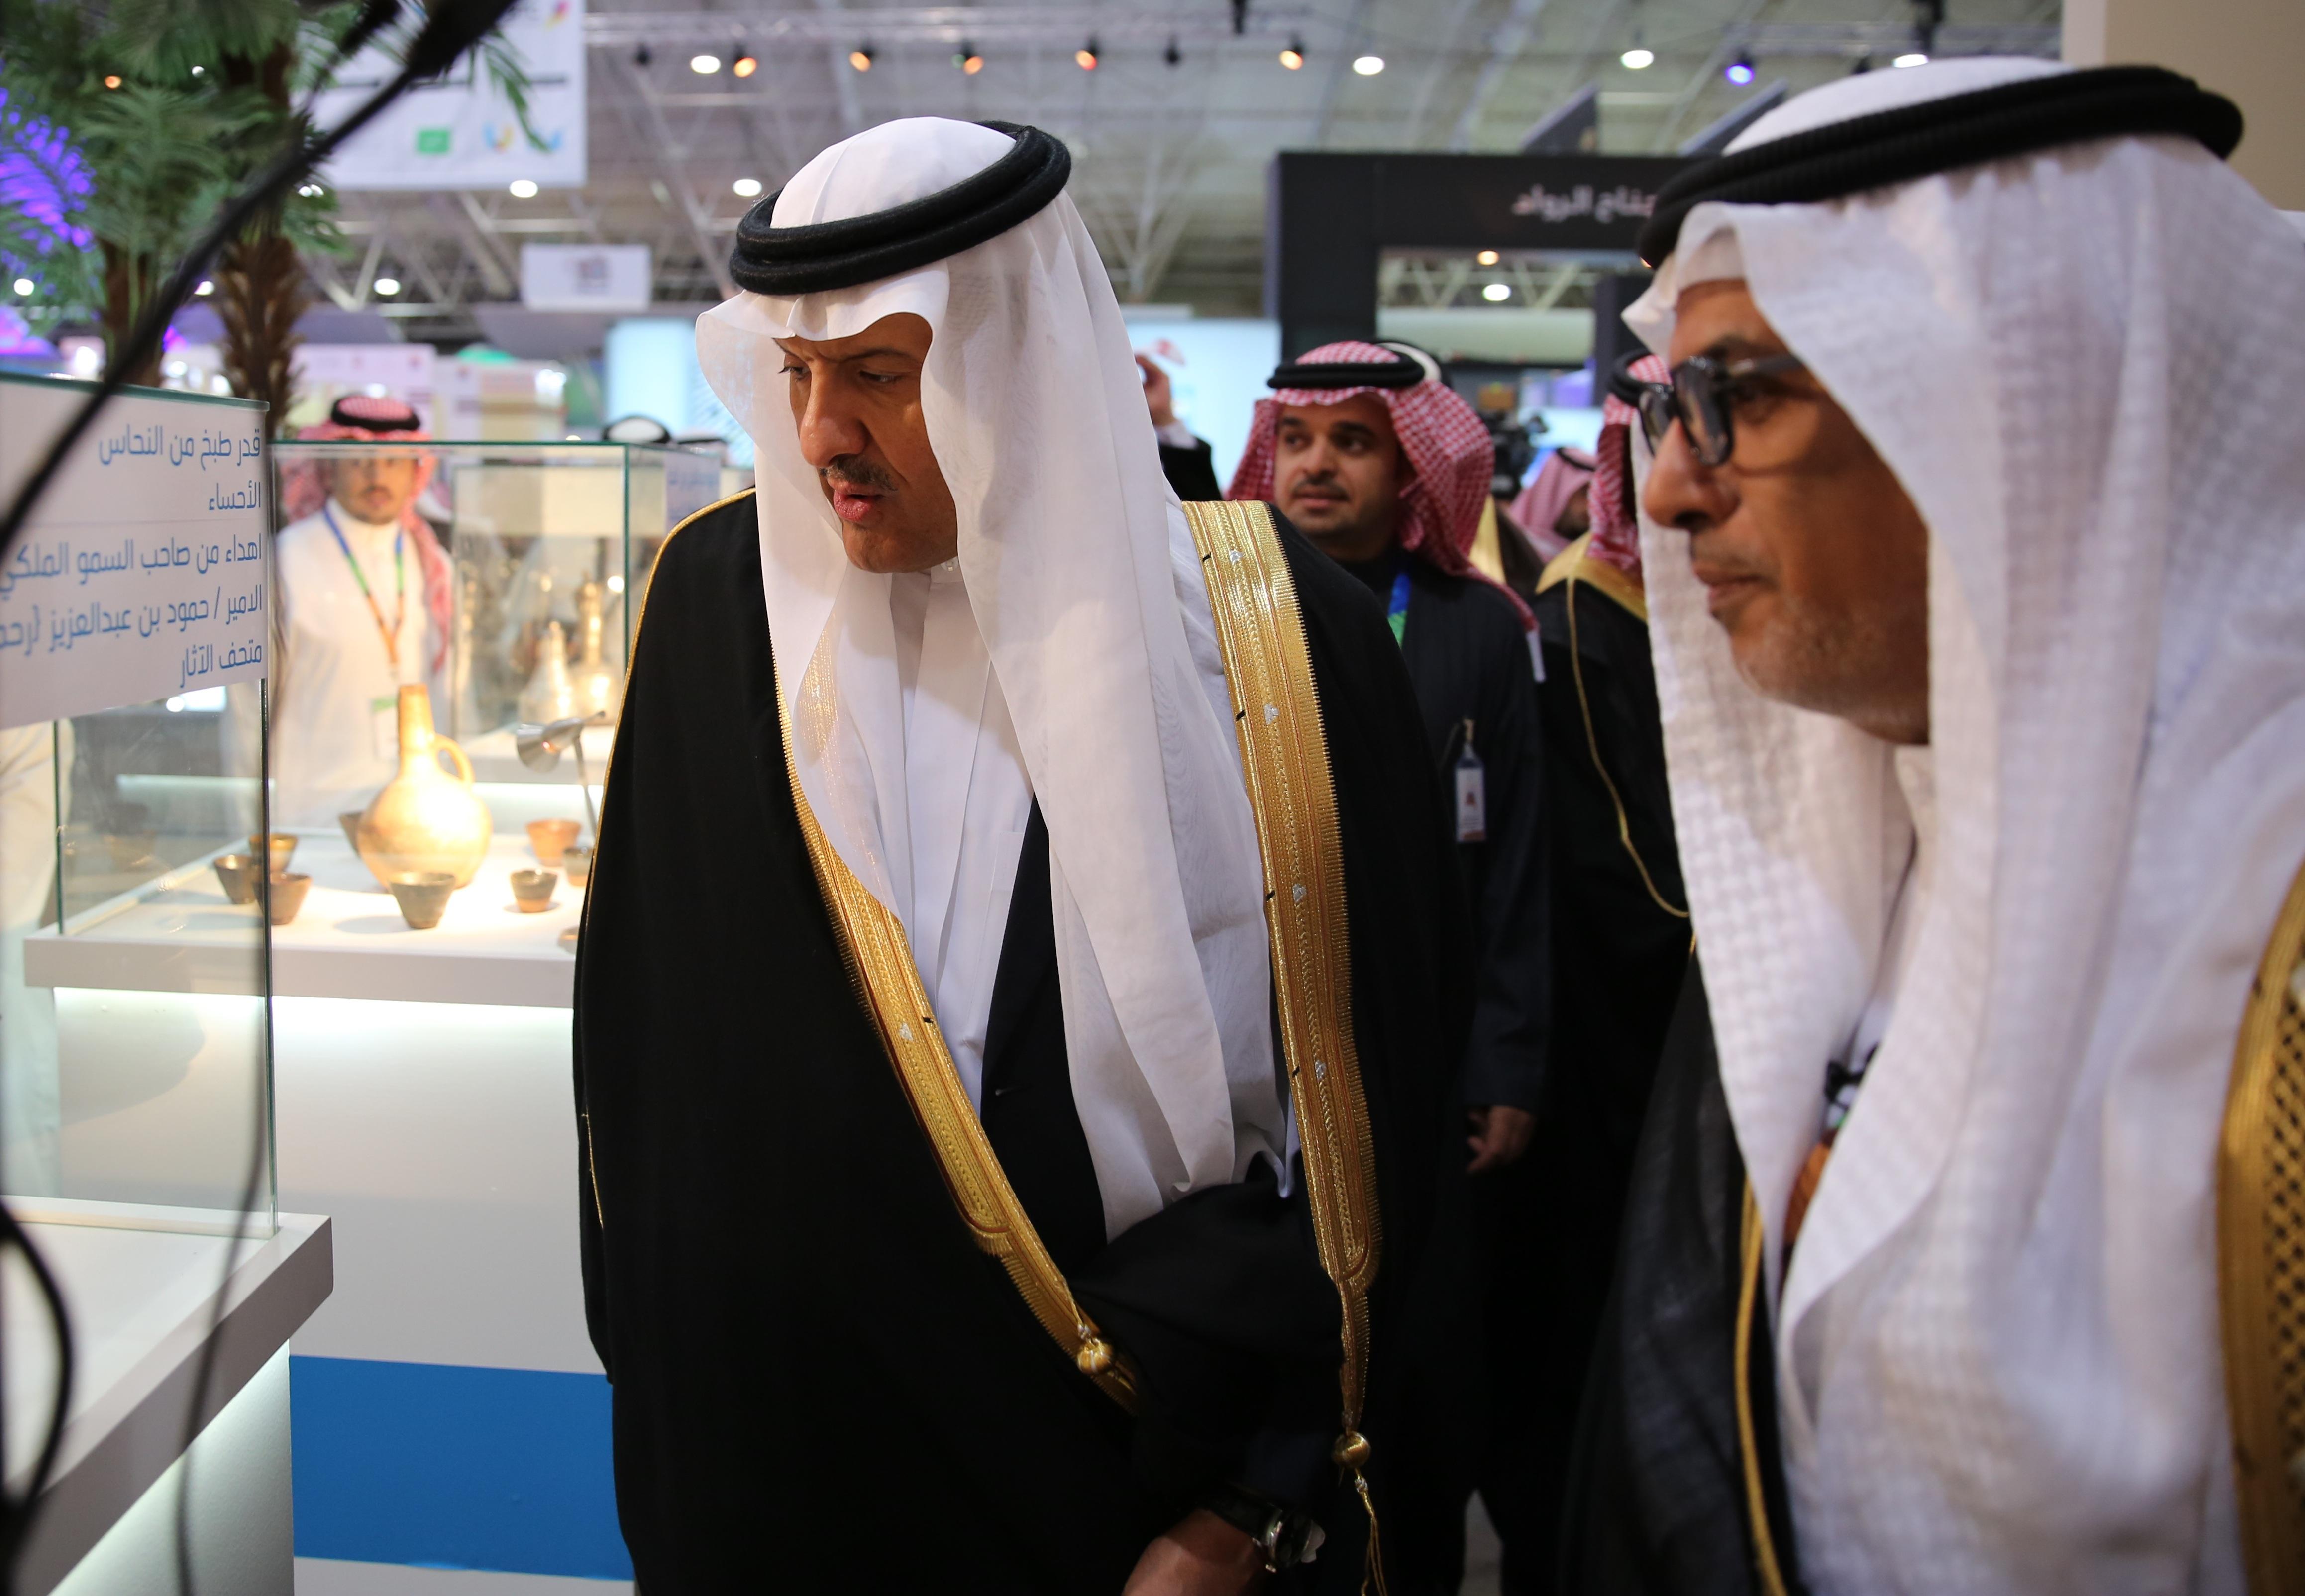 كلية السياحة والآثار تمثل جامعة الملك سعود بملتقى ألوان السعودية 2016